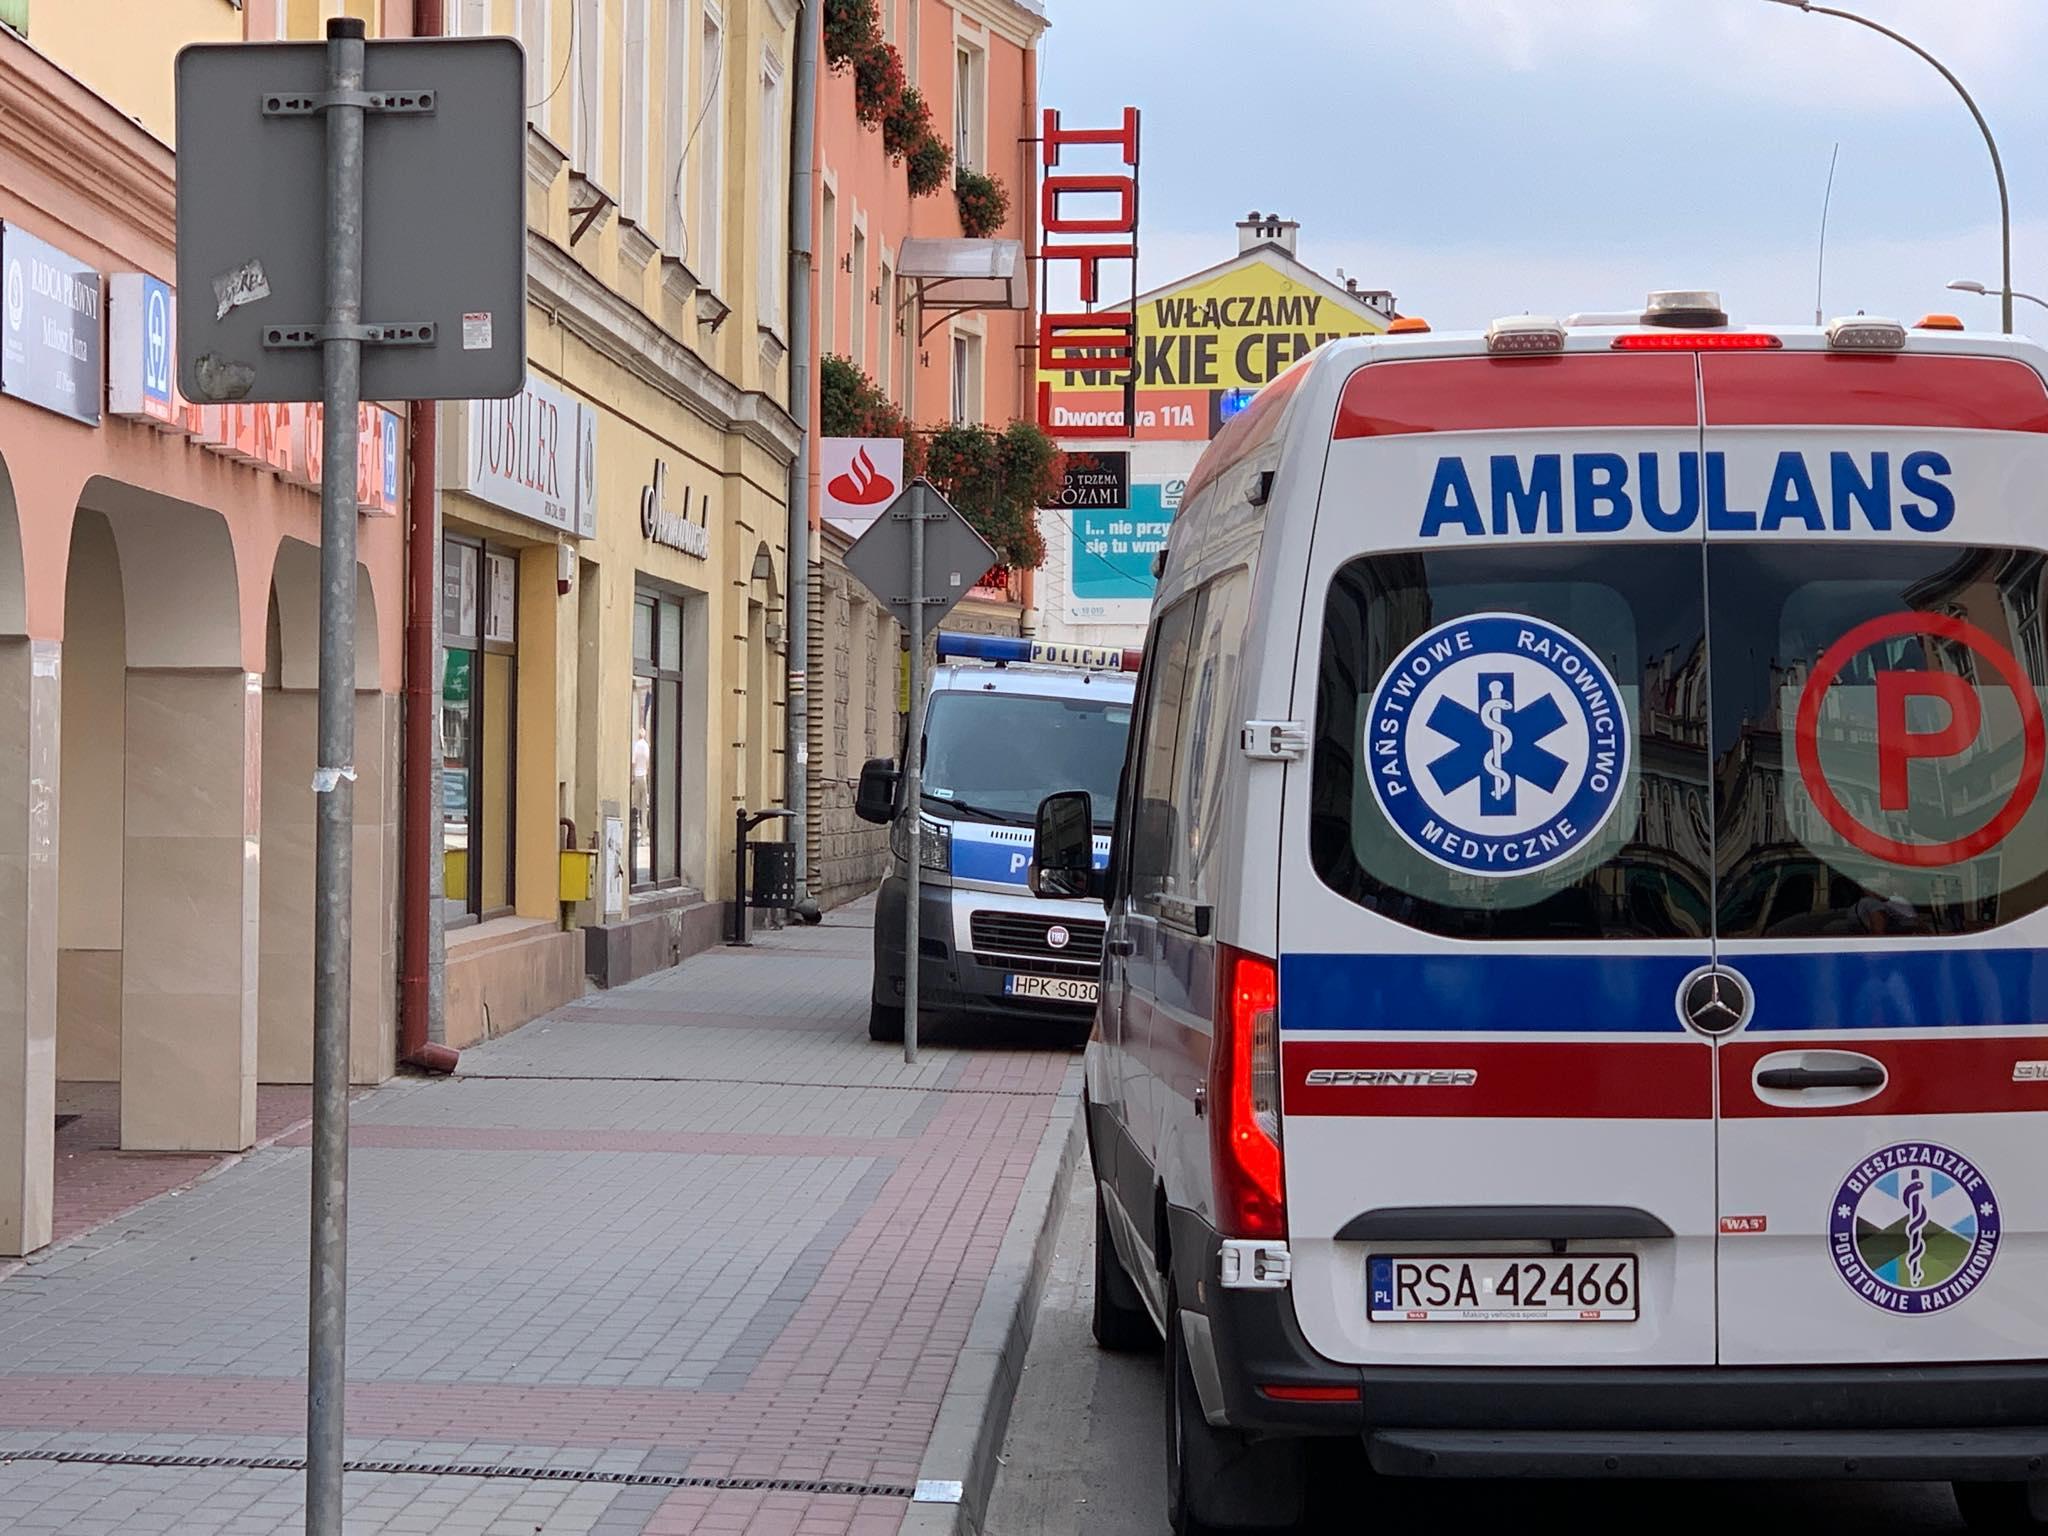 SANOK: 4 letnie dziecko wypadło z balkonu na ul. Jagiellońskiej! [ZDJĘCIA] - AKTUALIZACJA - Zdjęcie główne